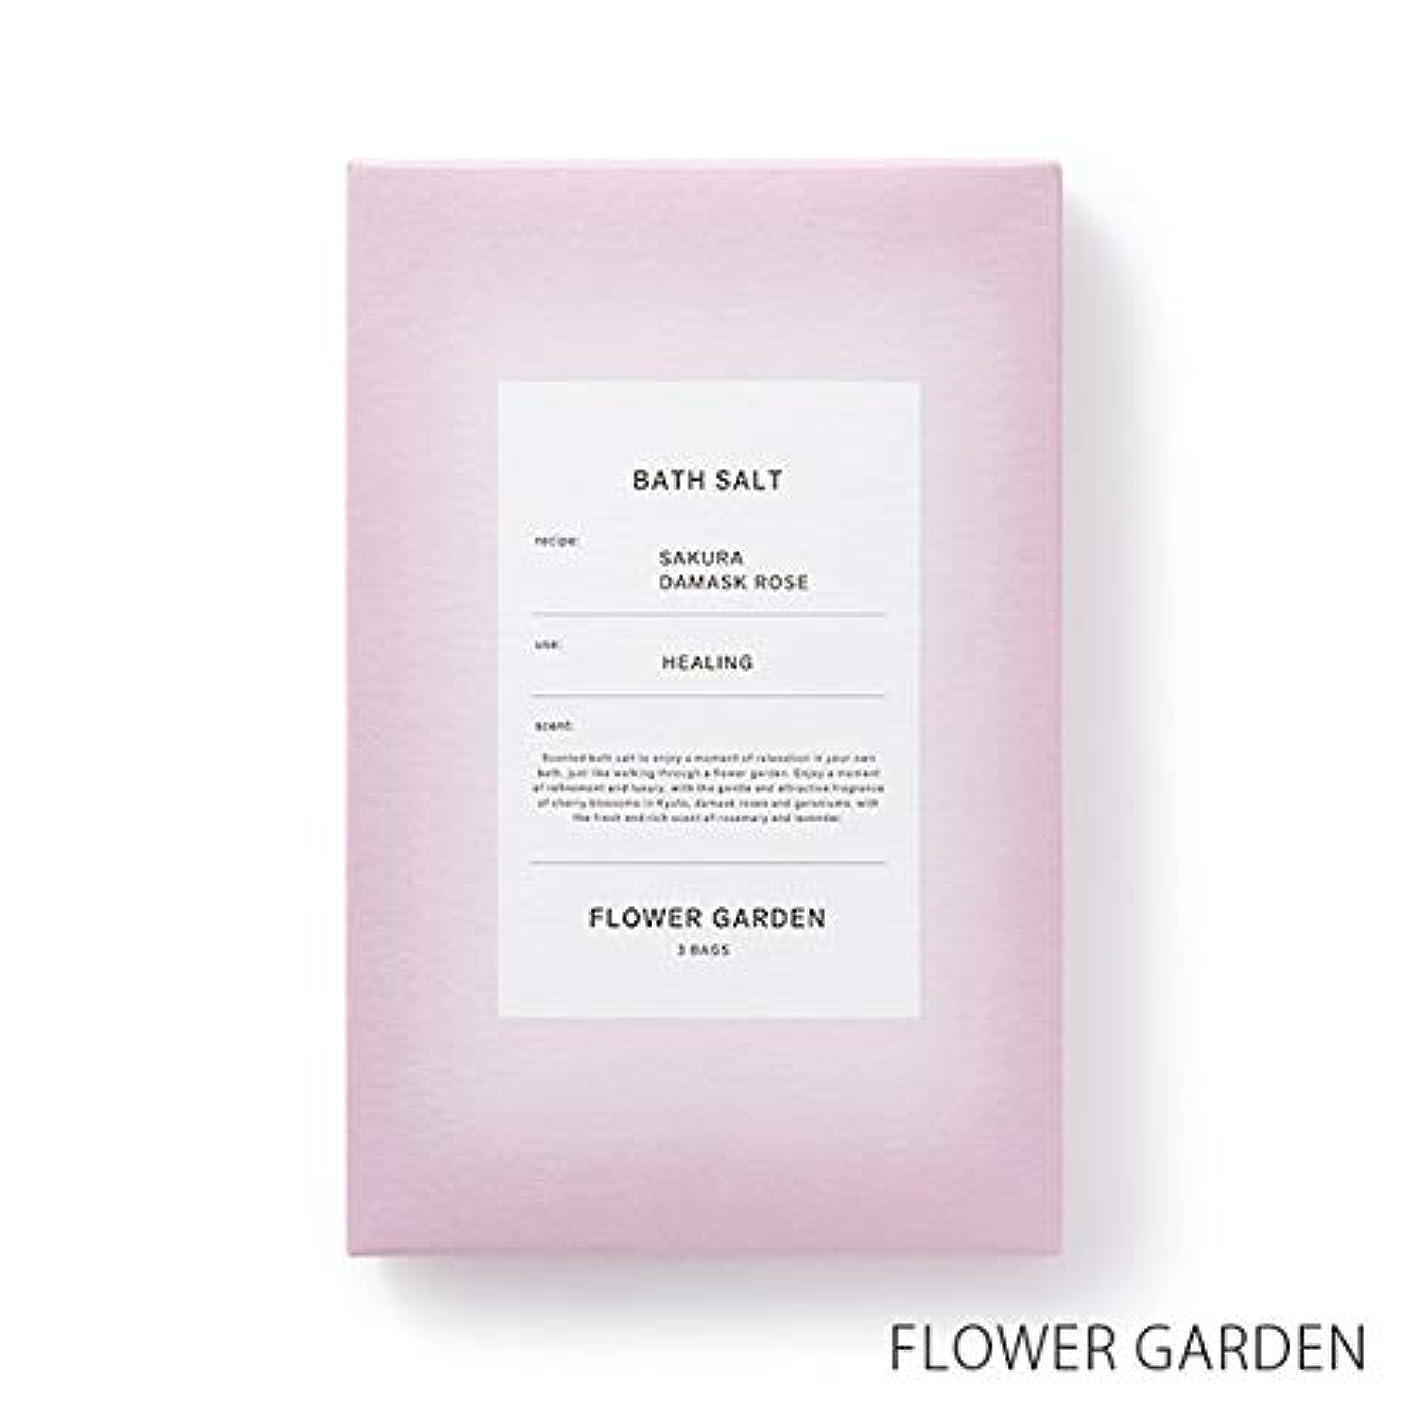 泥沼目指す最初に【薫玉堂】 バスソルト FLOWER GARDEN 花の庭 ピンク 和 桜の香り